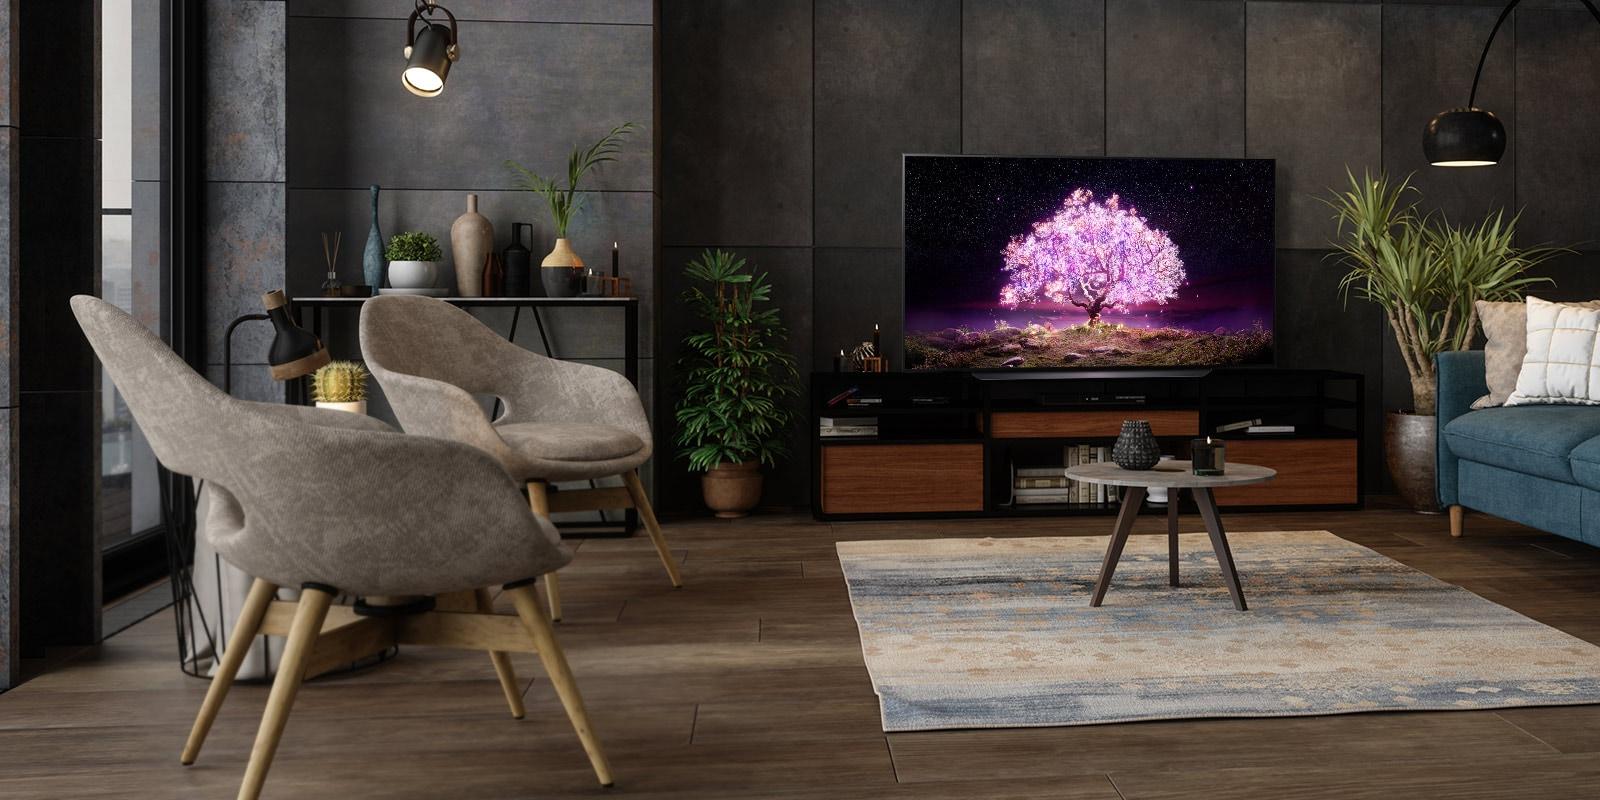 Un televizor pe care se afiseaza un copac care emite lumina purpurie intr-o casa luxoasa